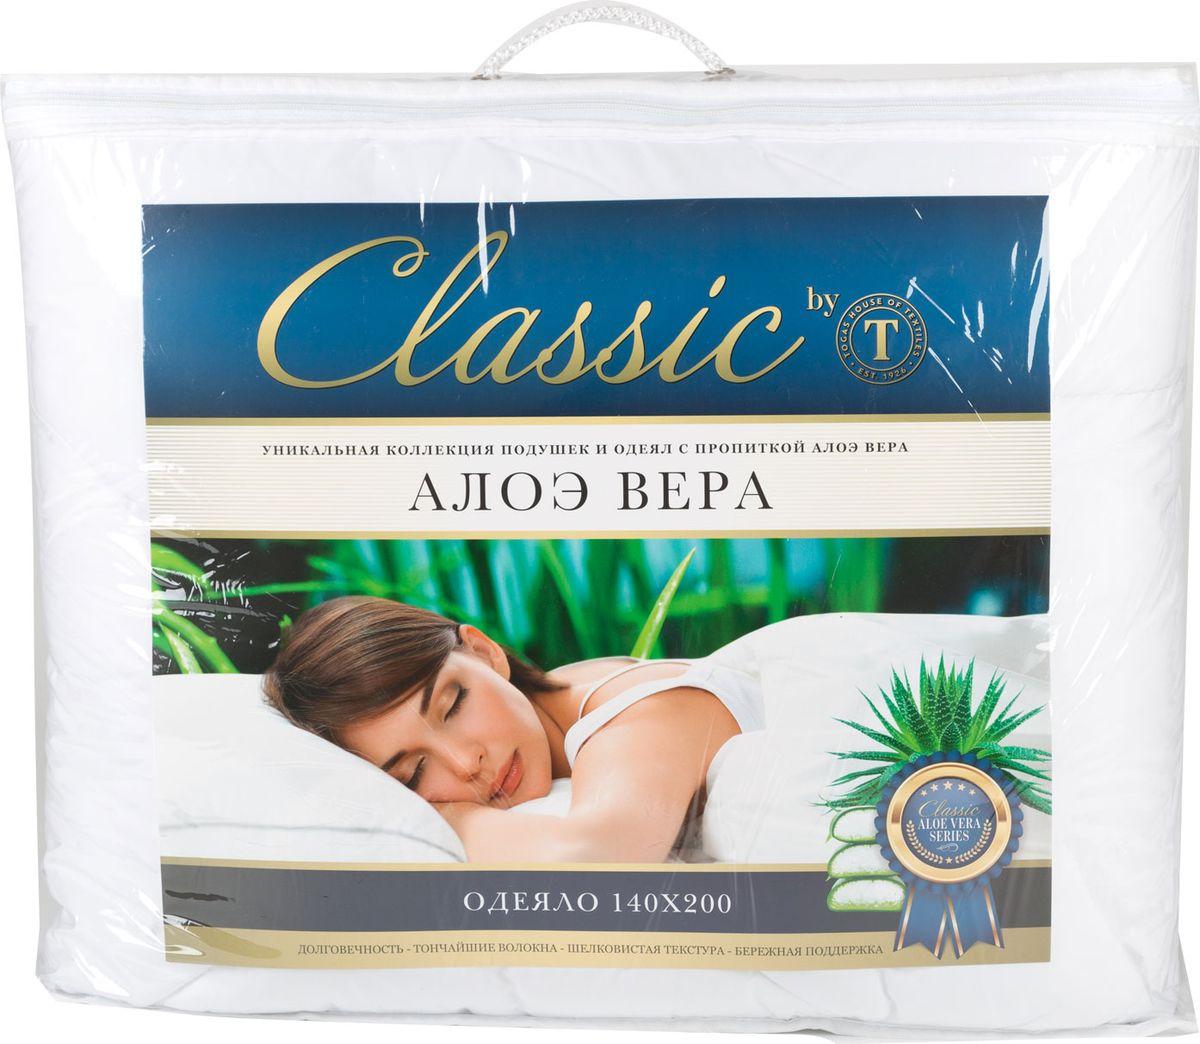 Одеяло Classic by Togas Алоэ вера, наполнитель: синтетический пух, 140 х 200 смS03301004Одеяло Classic by Togas Алоэ вера поможет расслабиться, снимет усталость и подарит вам спокойный и здоровый сон.Одеяло с синтетическим наполнителем необычайно легкое, пышное, обладает превосходными теплозащитными свойствами. Такой наполнитель отлично удерживает воздух и тепло, превосходно впитывает влагу и испаряет ее. Это экологически чистый материал с высокими гигиеническими и гипоаллергенными качествами, который к тому же очень практичен. Одеяло с таким наполнителем можно стирать дома, а сохнет оно почти моментально. Чехол одеяла сделан из высокотехнологичной ткани - микрофибры. Она приятна на ощупь и отличается высокой прочностью. Гель алоэ вера, которым пропитаны чехол и наполнитель, обладает уникальными свойствами: оказывает оздоравливающий и тонизирующий эффект, увлажняет кожу, способствует улучшению работы сердца, расслабляет и снимает напряжение в мышцах.